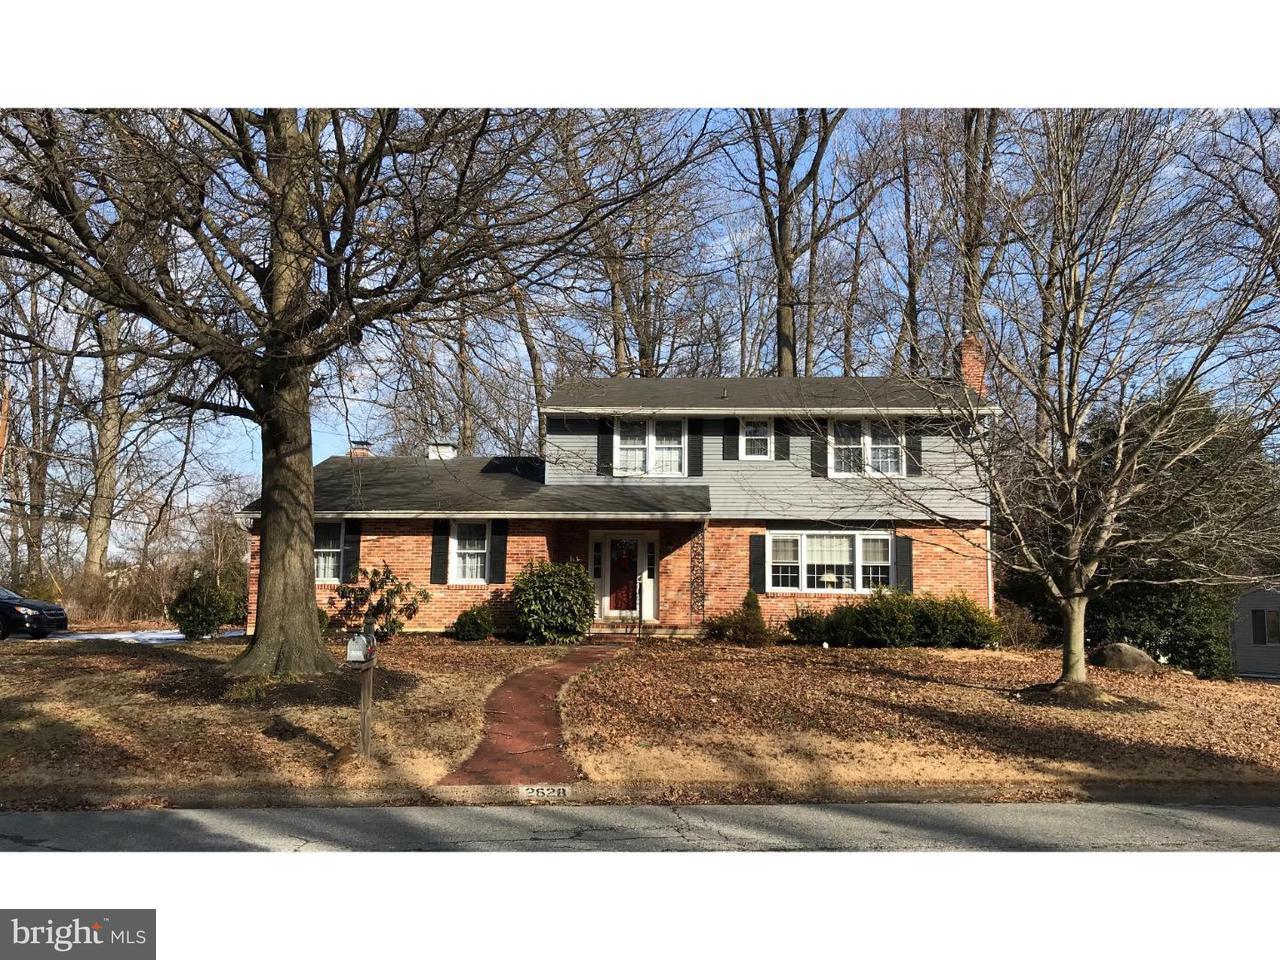 Частный односемейный дом для того Продажа на 2628 MAJESTIC Drive Talleyville, Делавэр 19810 Соединенные Штаты